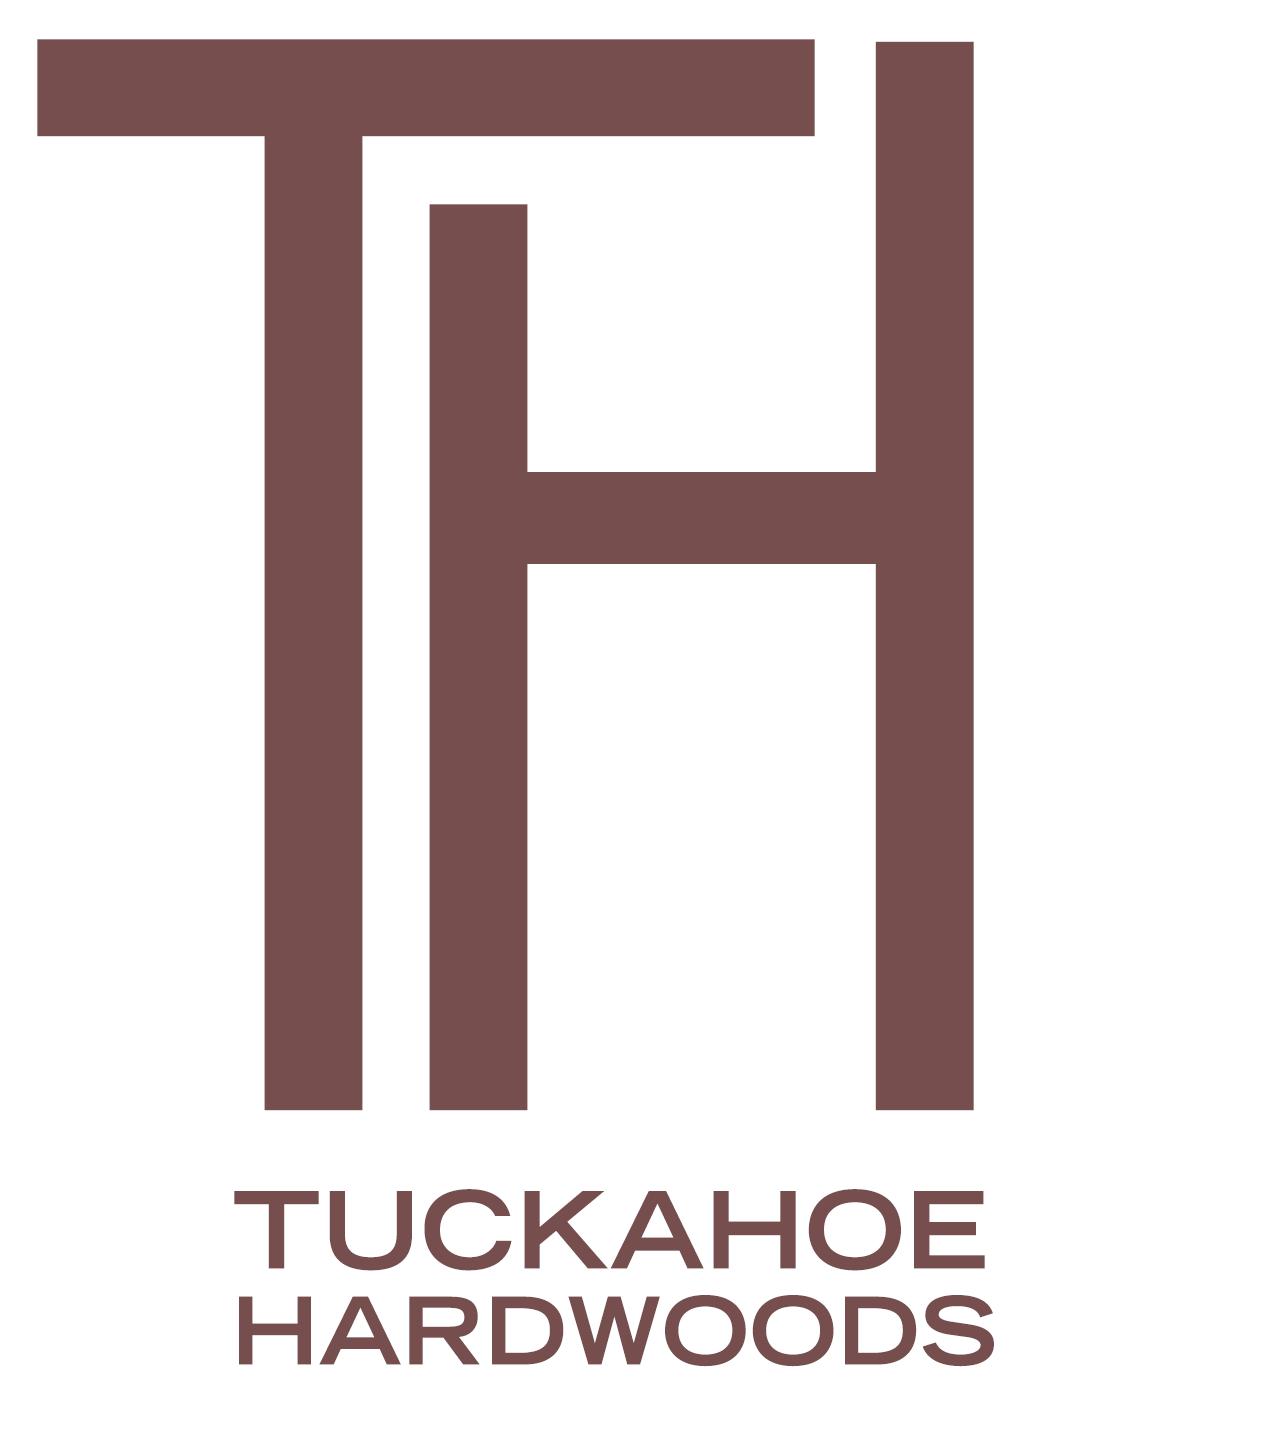 Tuckahoe Hardwoods